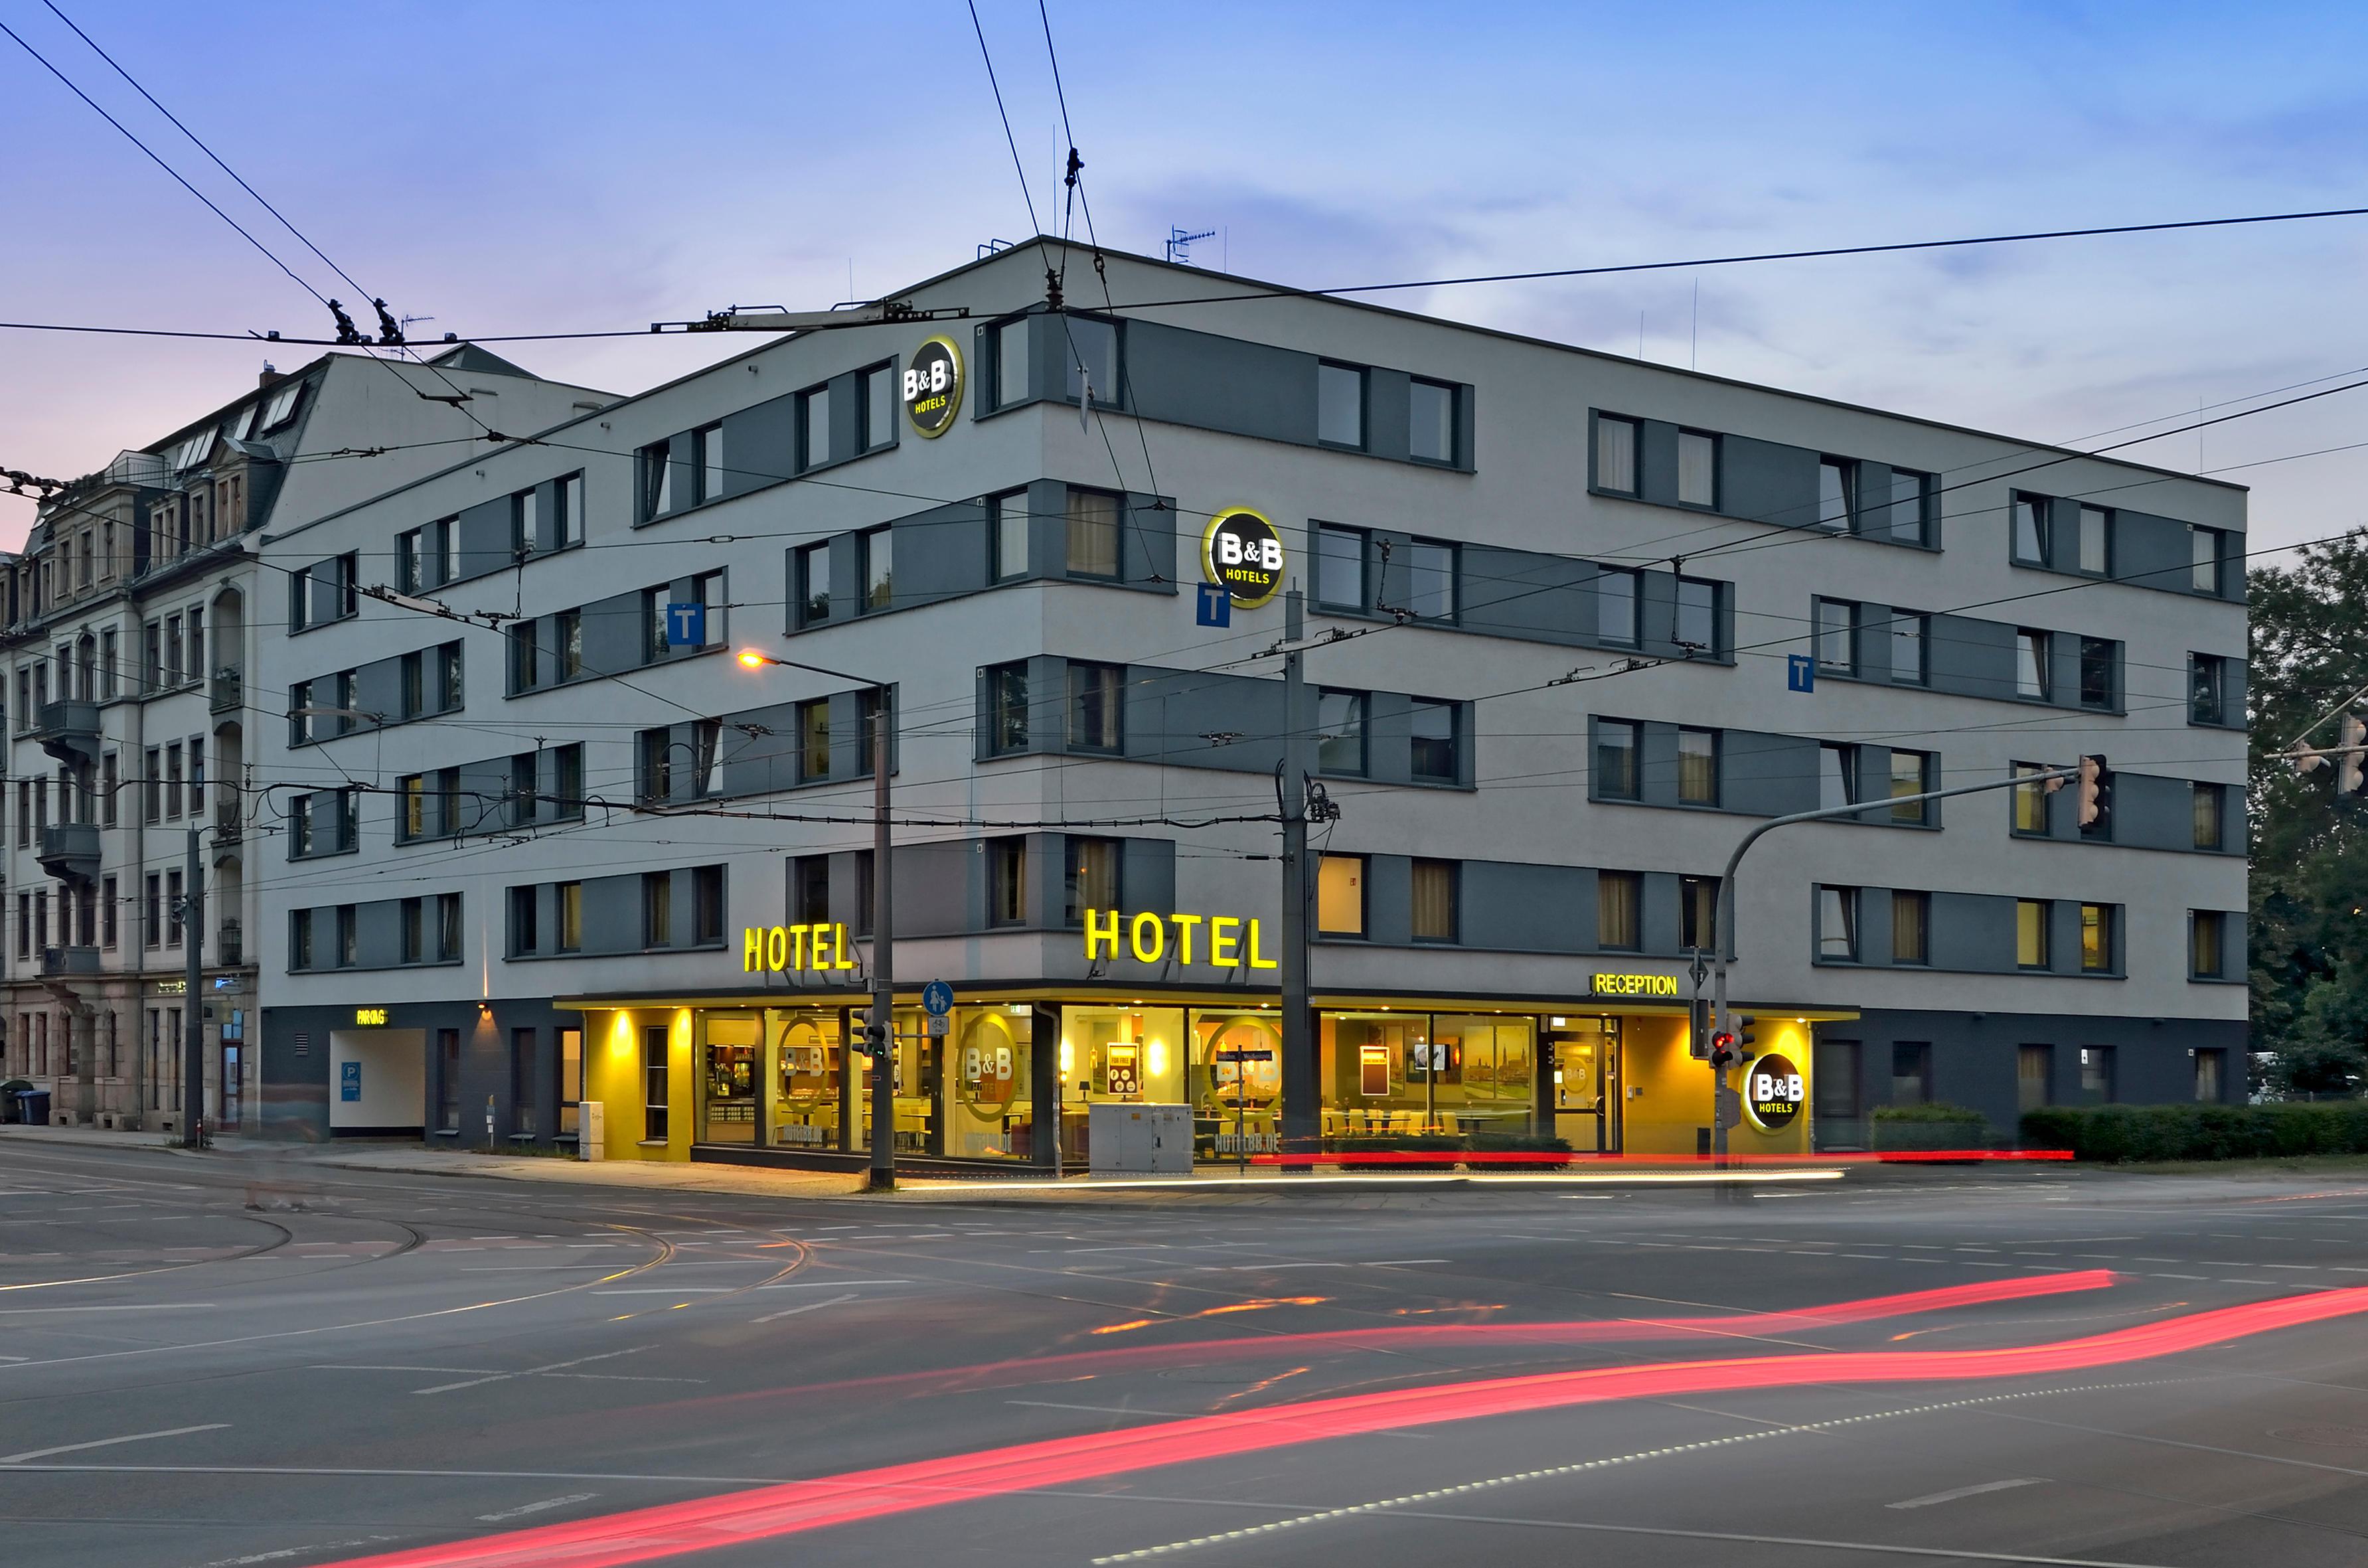 B&B Hotel Dresden, Weißeritzstraße 10 in Dresden